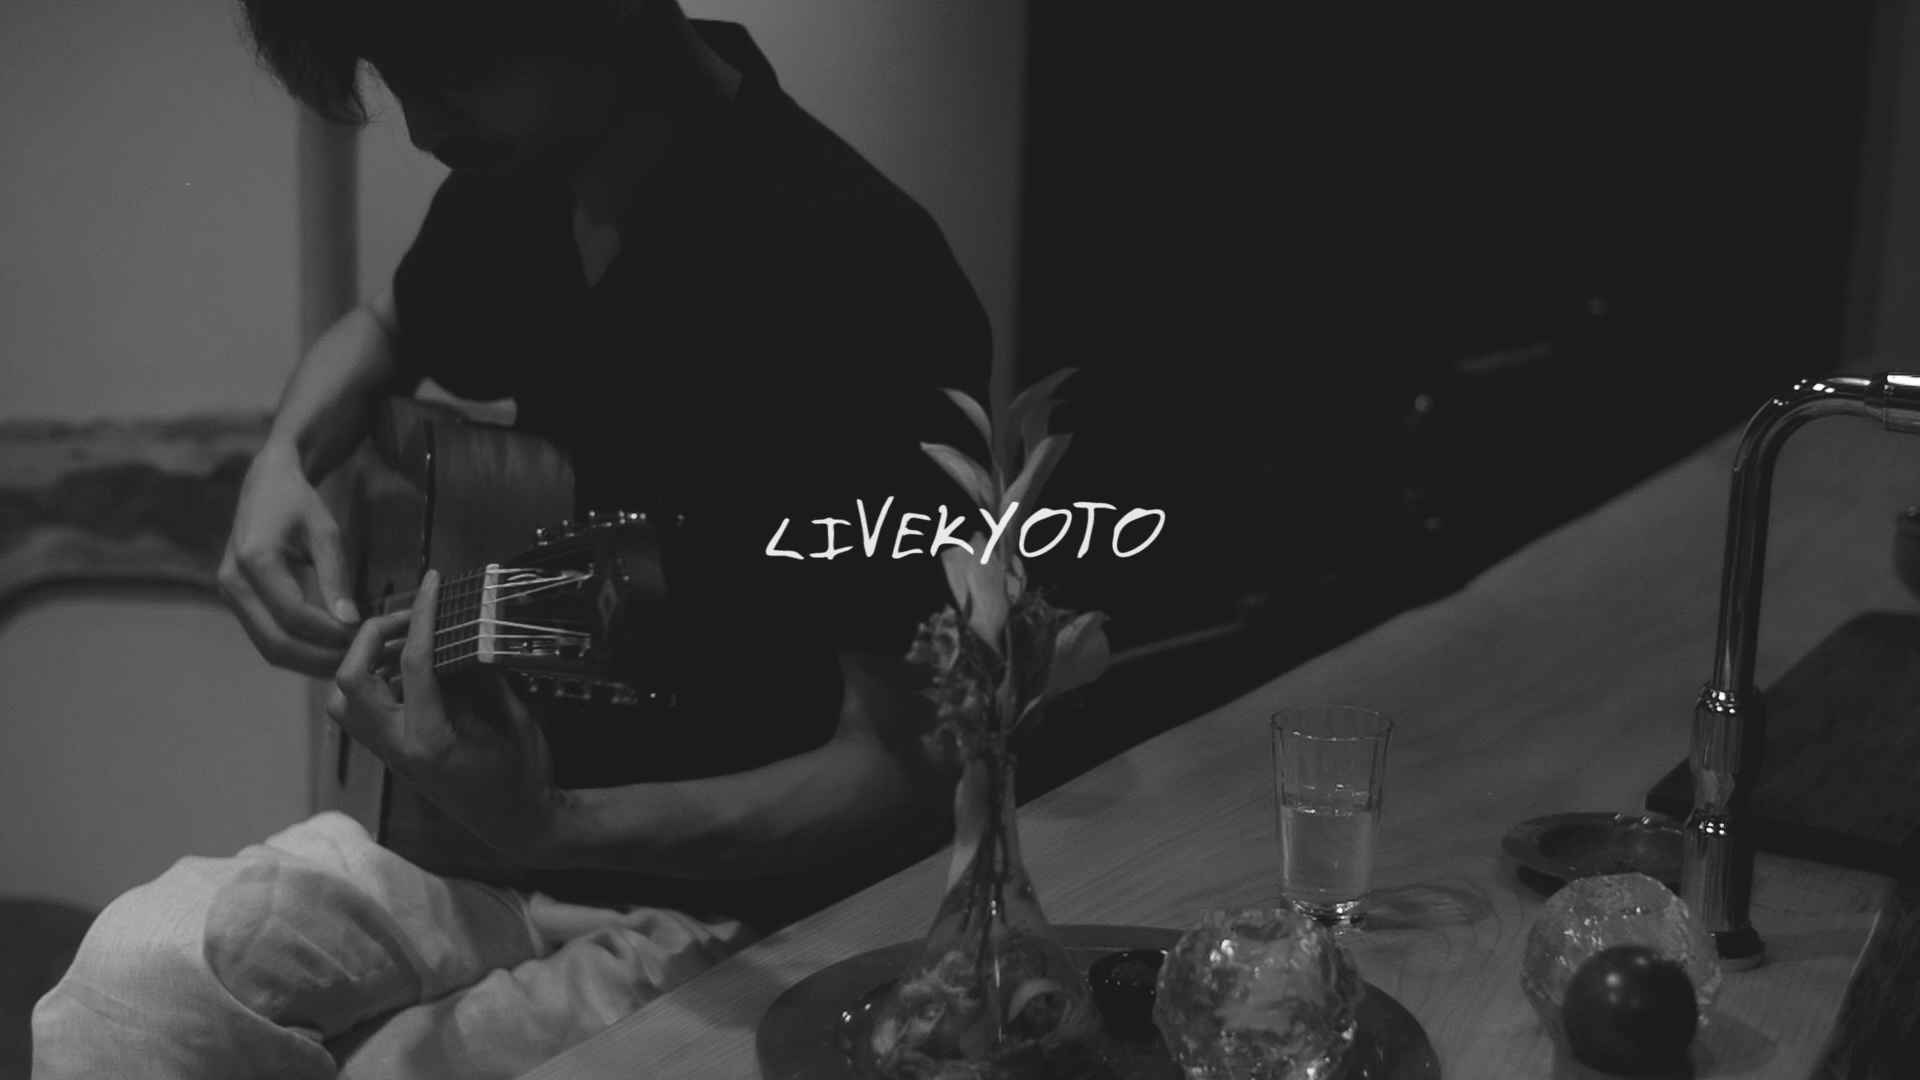 Izayoi [LIVEKYOTO]